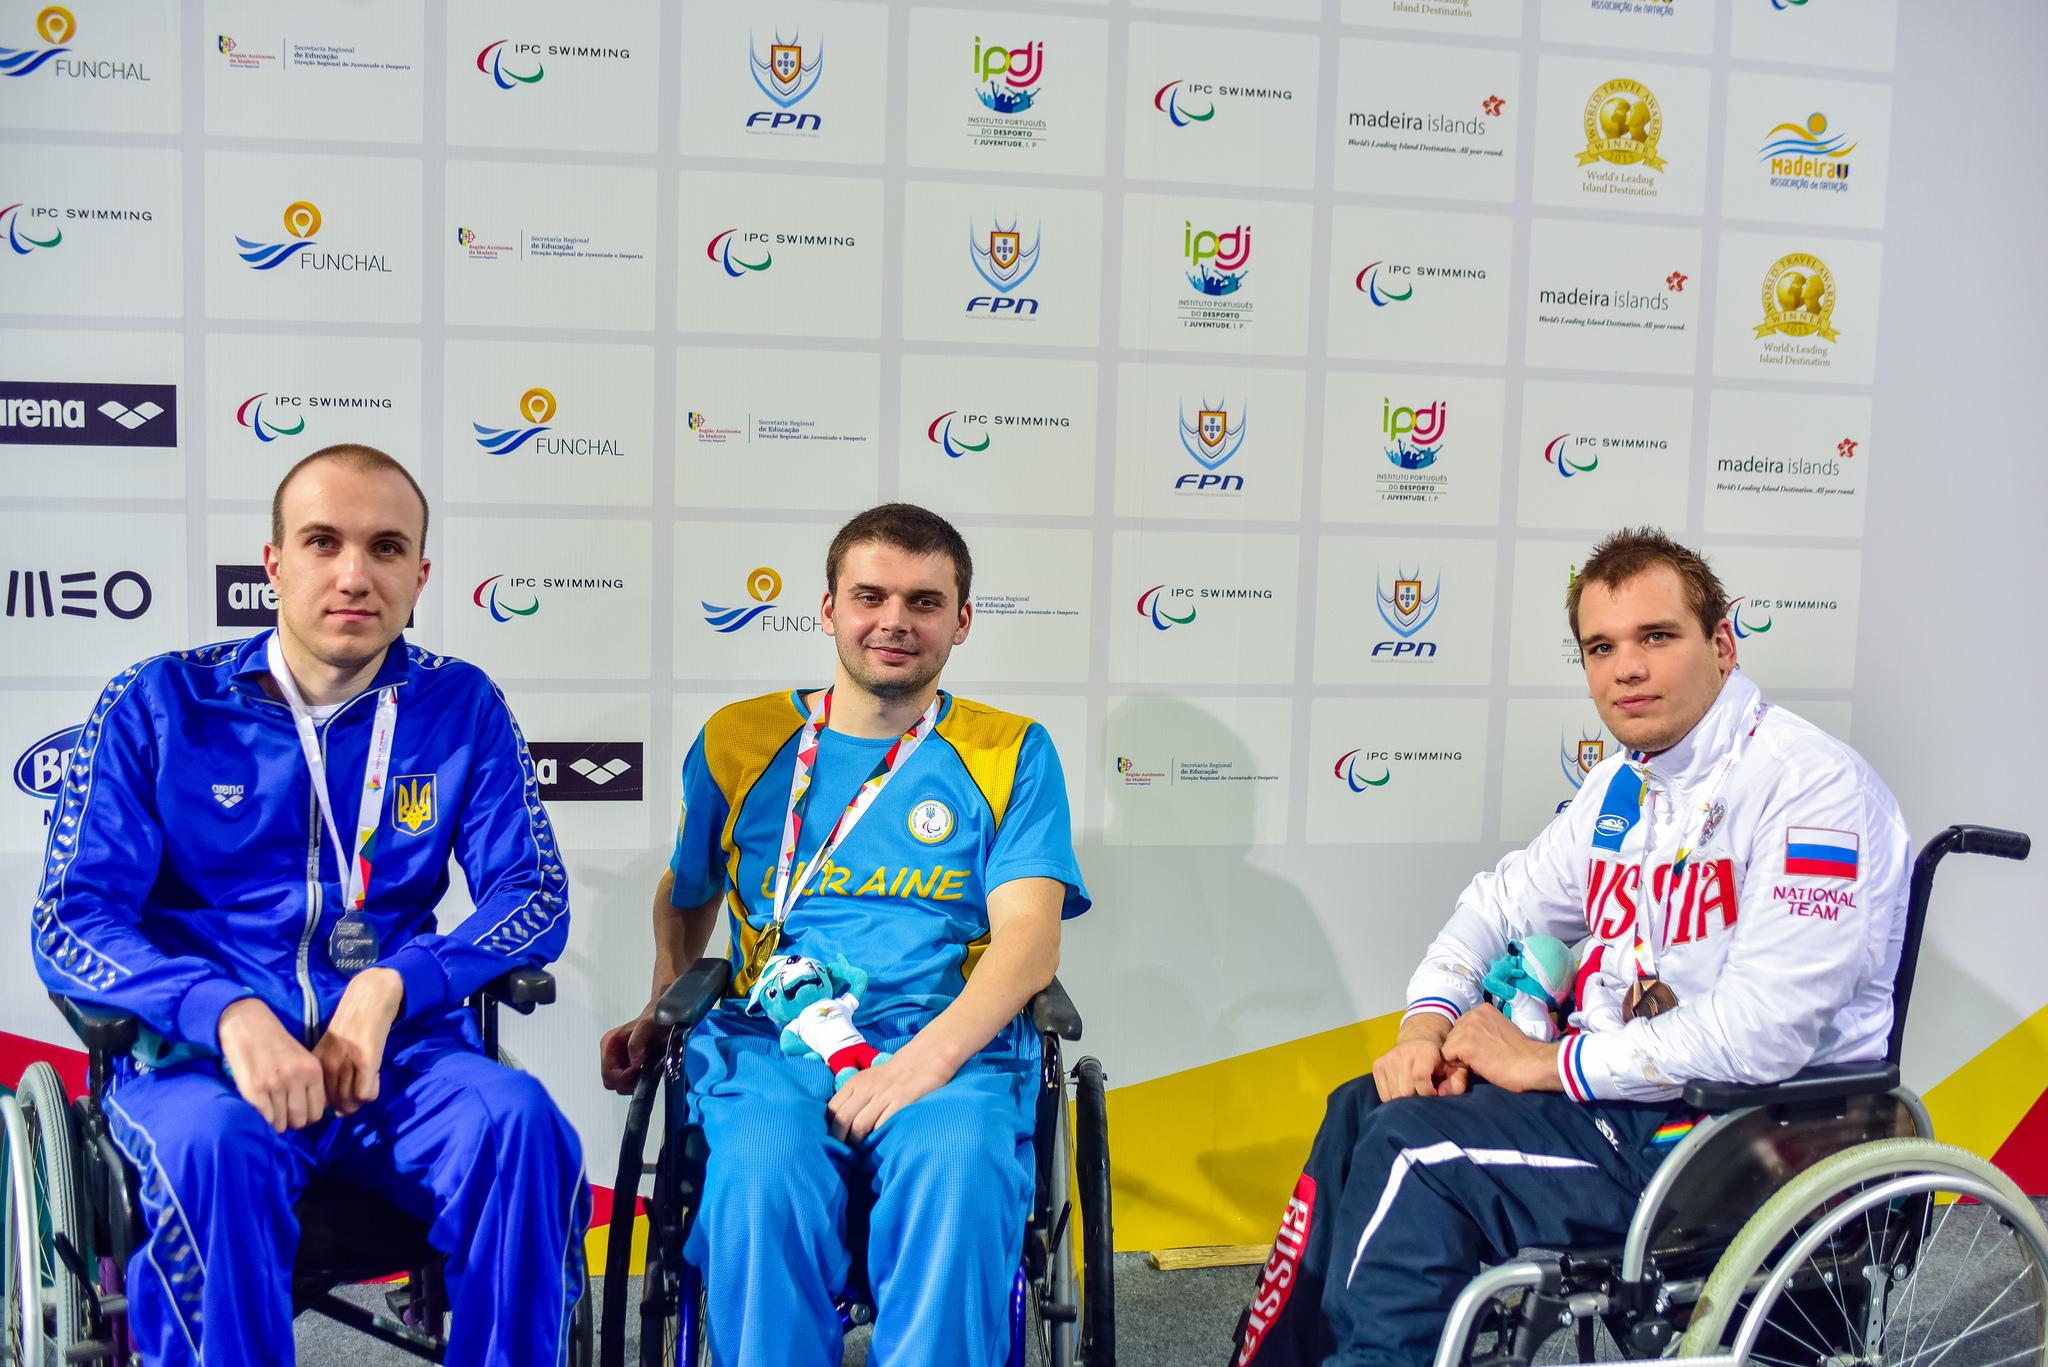 Россияне выиграли 30 золотых медалей, 30 серебряных и 25 бронзовых на чемпионате Европы по плаванию спорта лиц с ПОДА, нарушением зрения и ИН в Португалии